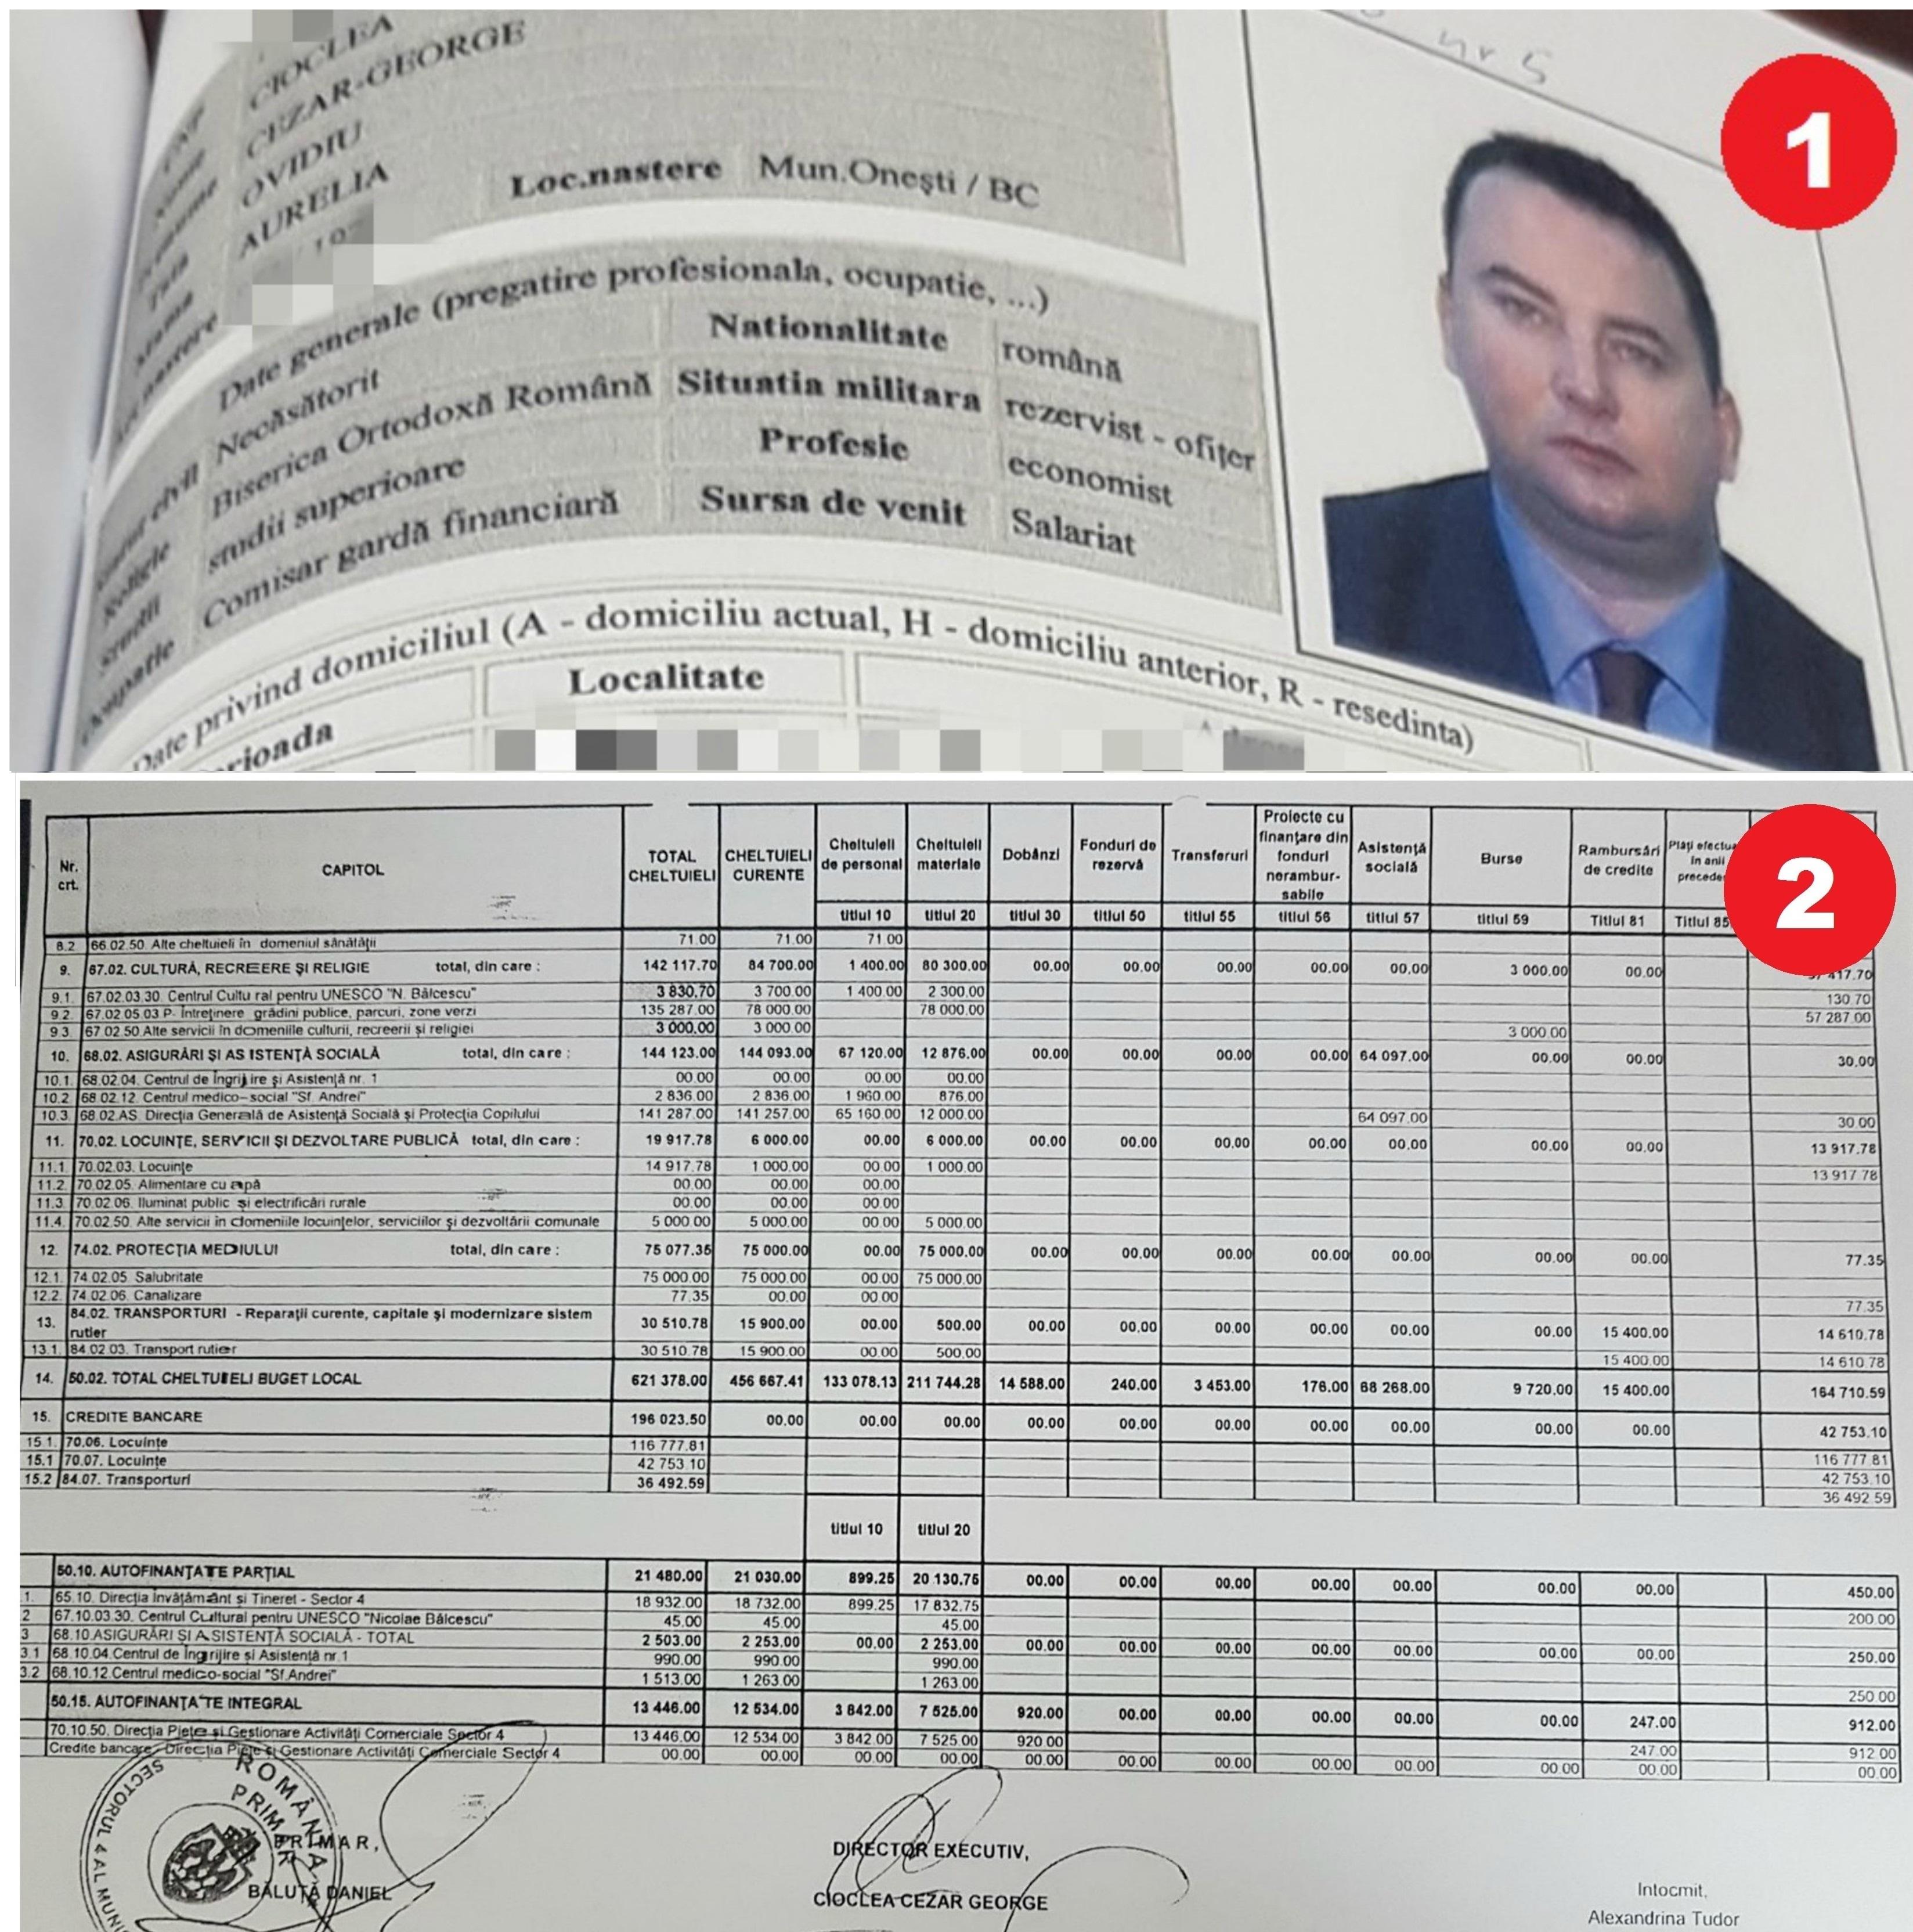 FACSIMIL 1. Fișa întocmită de DIICOT în 2005, în urma filării și monitorizării lui George Cioclea, unul dintre ofițerii care protejau rețeaua chinezilor. FACSIMIL 2. La 13 ani distanță, semnătura lui George Cioclea apare pe bugetul de 621 de milioane de lei, 140 de milioane de euro, al cetățenilor Sectorului 4. Uneori, lucrurile pot fi spuse simplu: pentru că justiția nu și-a făcut treaba și a clasat cazul în 2009, în 2013 Cezar Cioclea poate avea această răspundere uriașă.